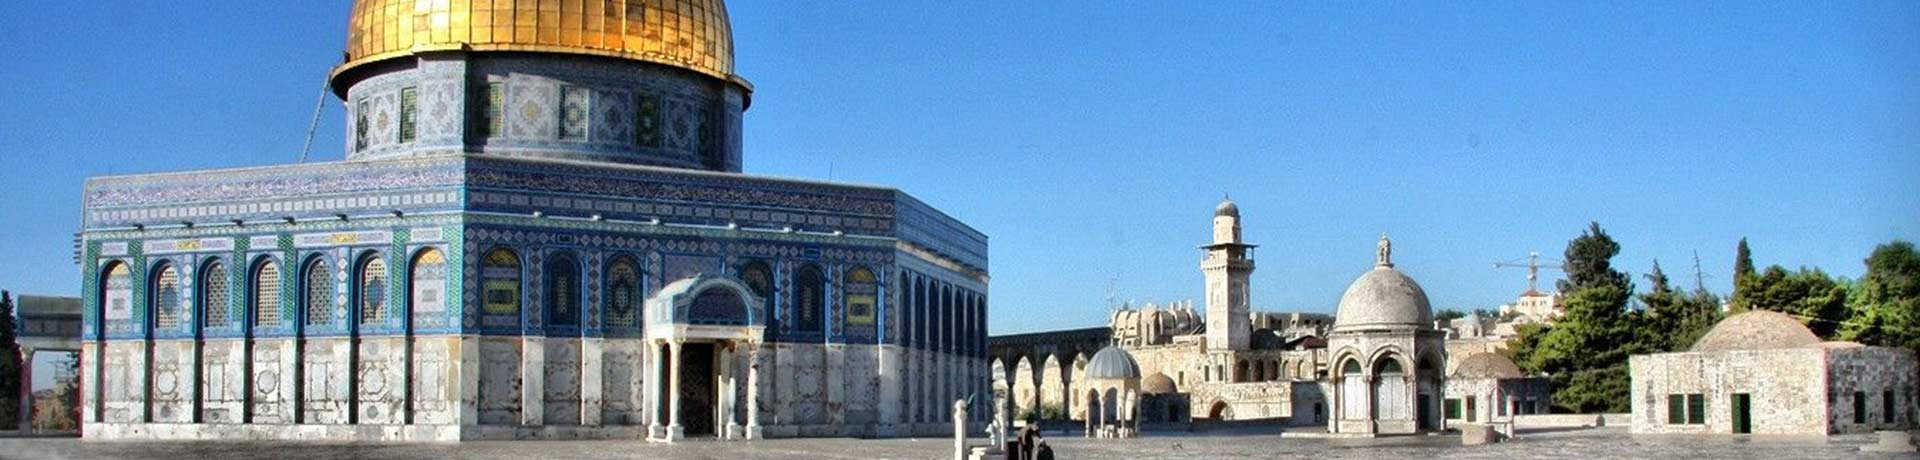 요르단, 이스라엘  (성지 순례) 10일